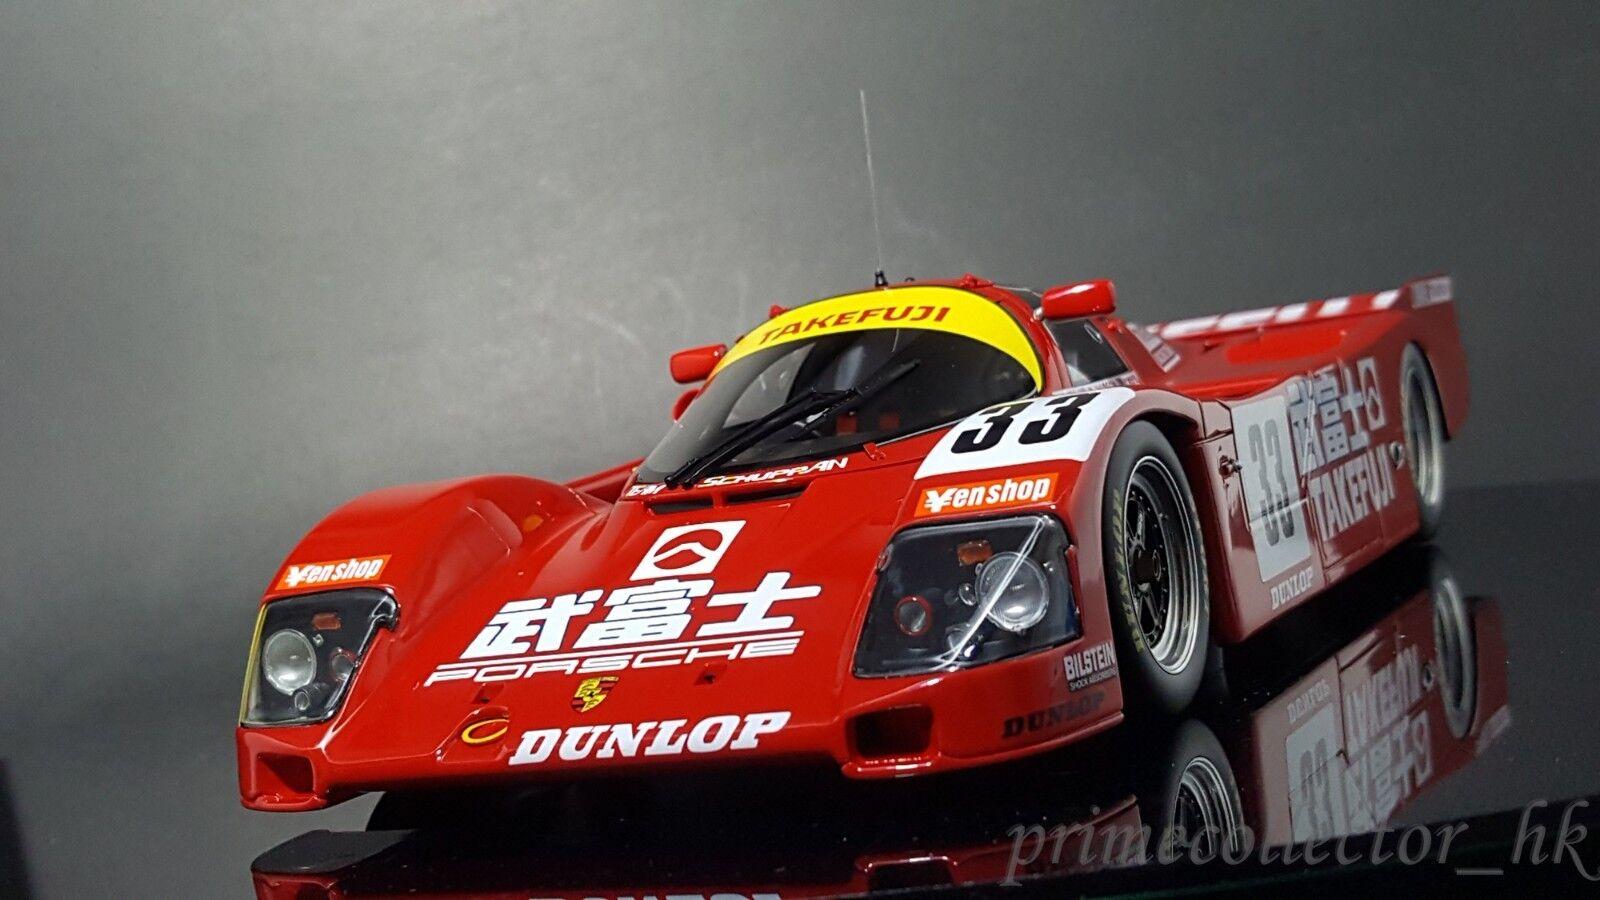 tienda de venta Ignición Modelo 1 18 IG1205 Takefuji Porsche 962 C ( ( ( 33) 1989 Le Mans  mas barato